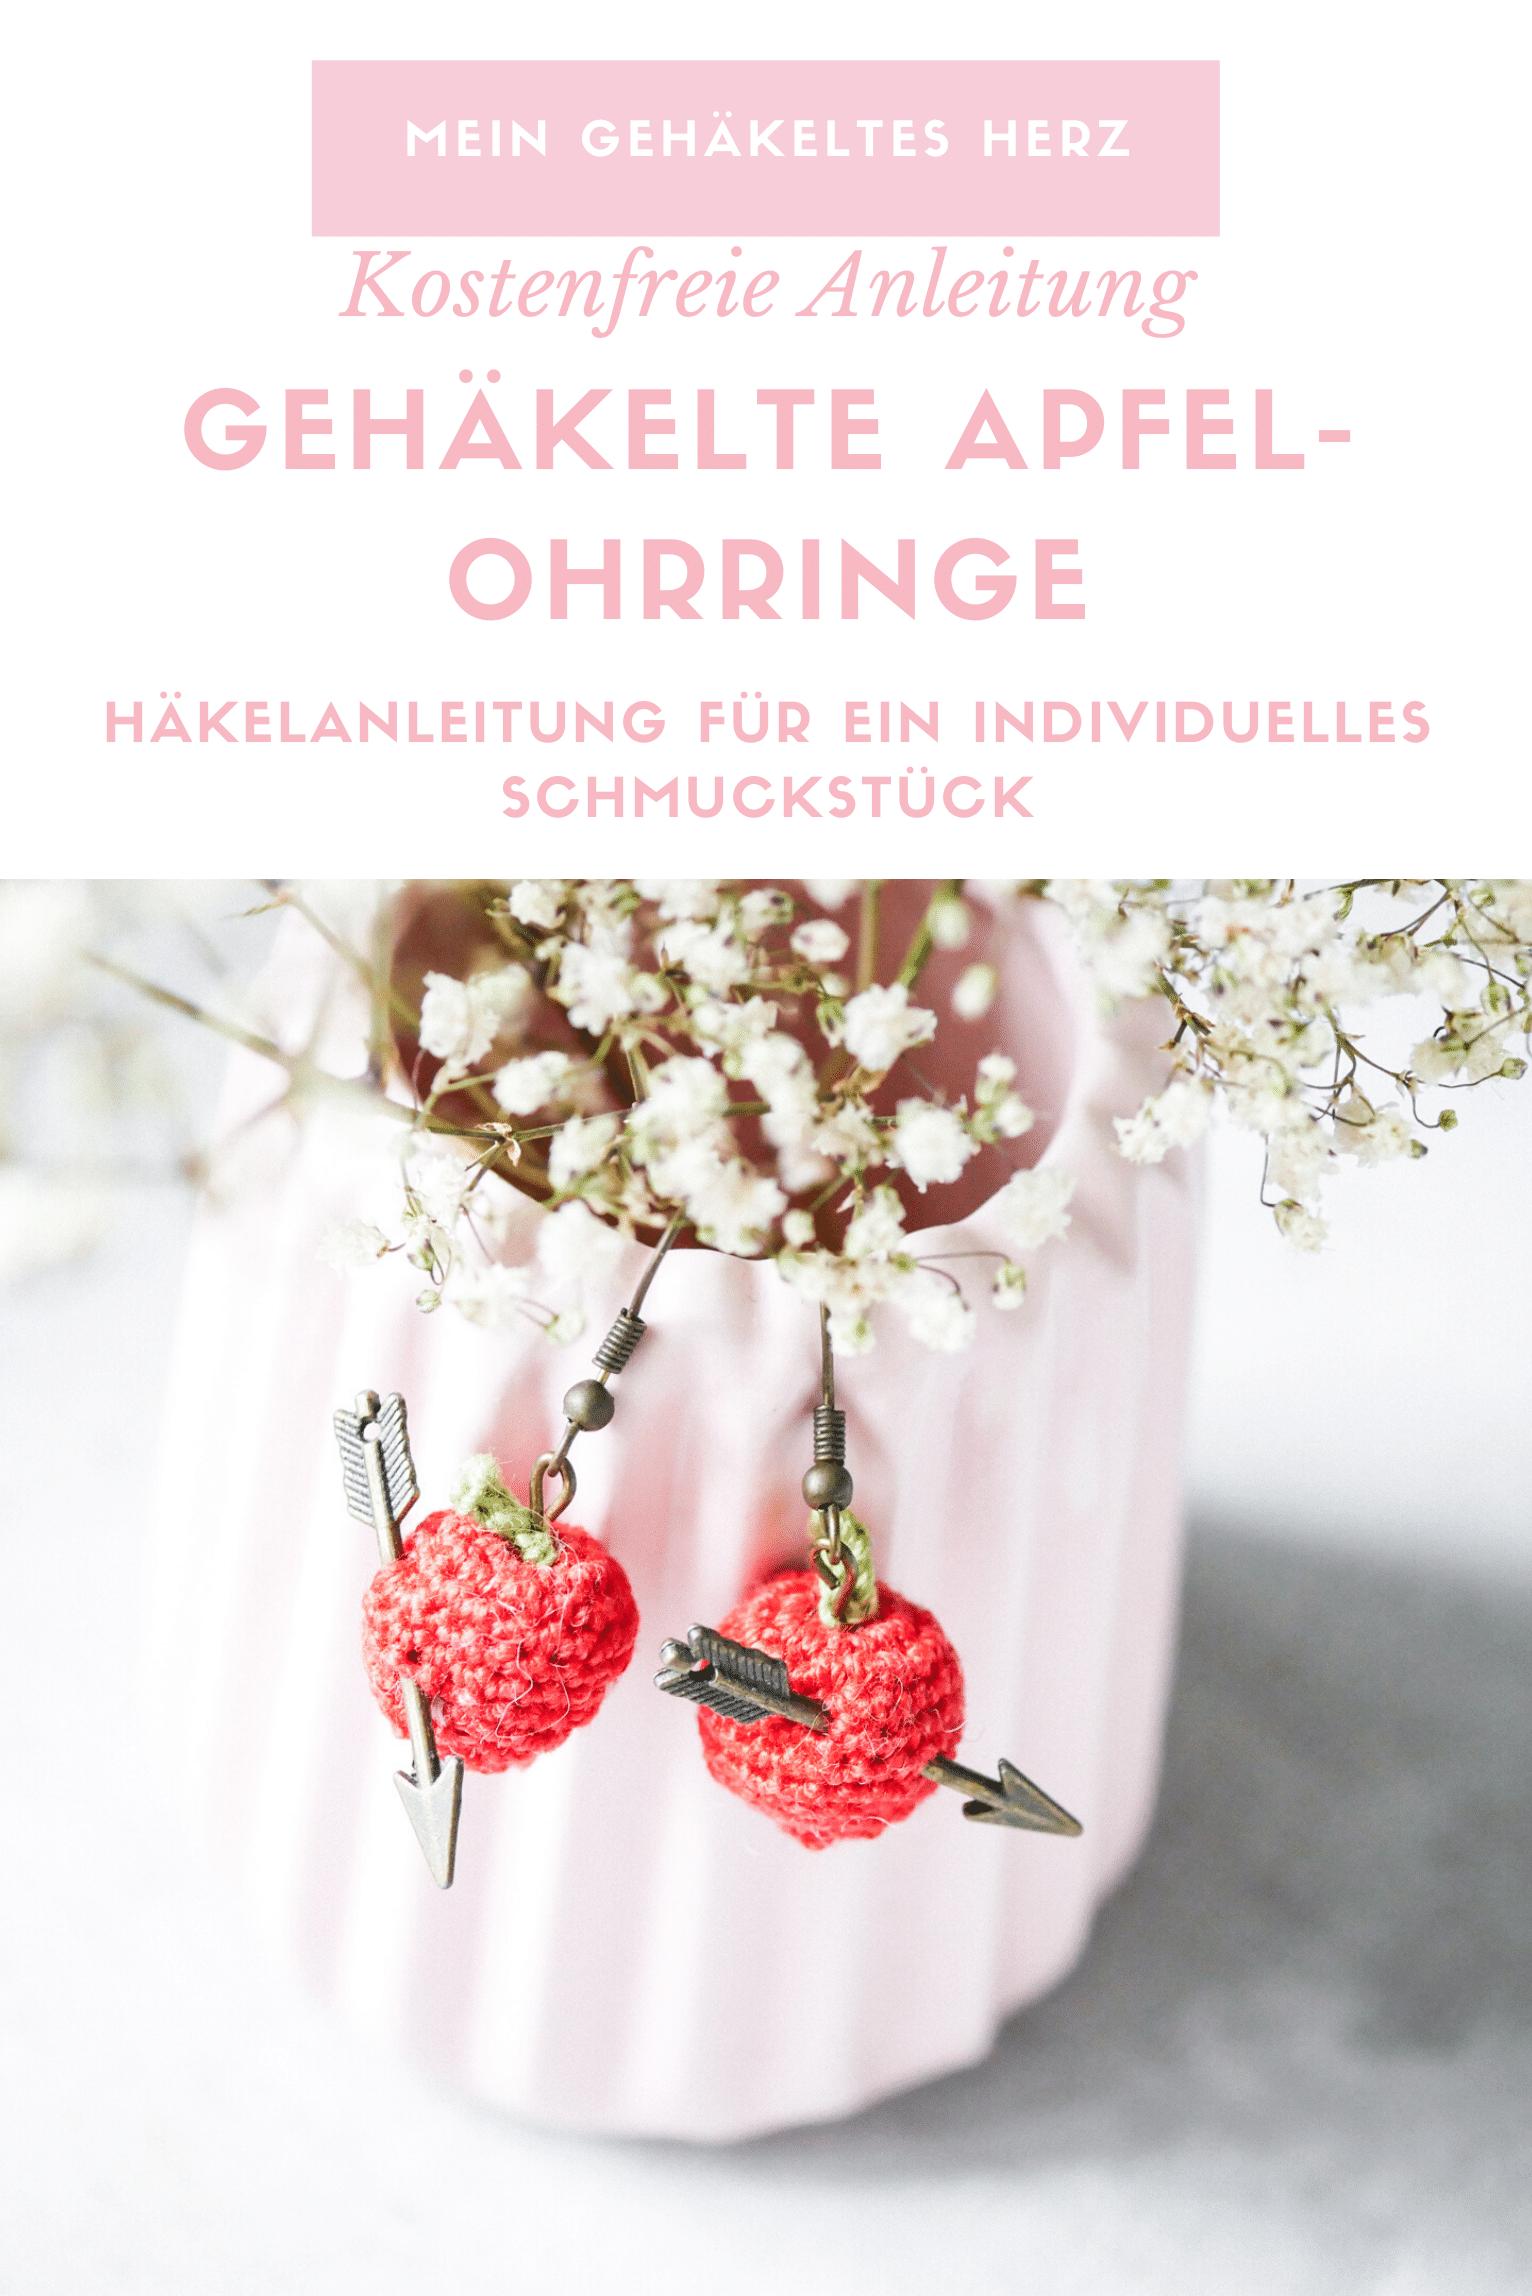 Apfel Ohrringe häkeln- Kostenlose Häkelanleitung für Individuellen Häkelschmuck